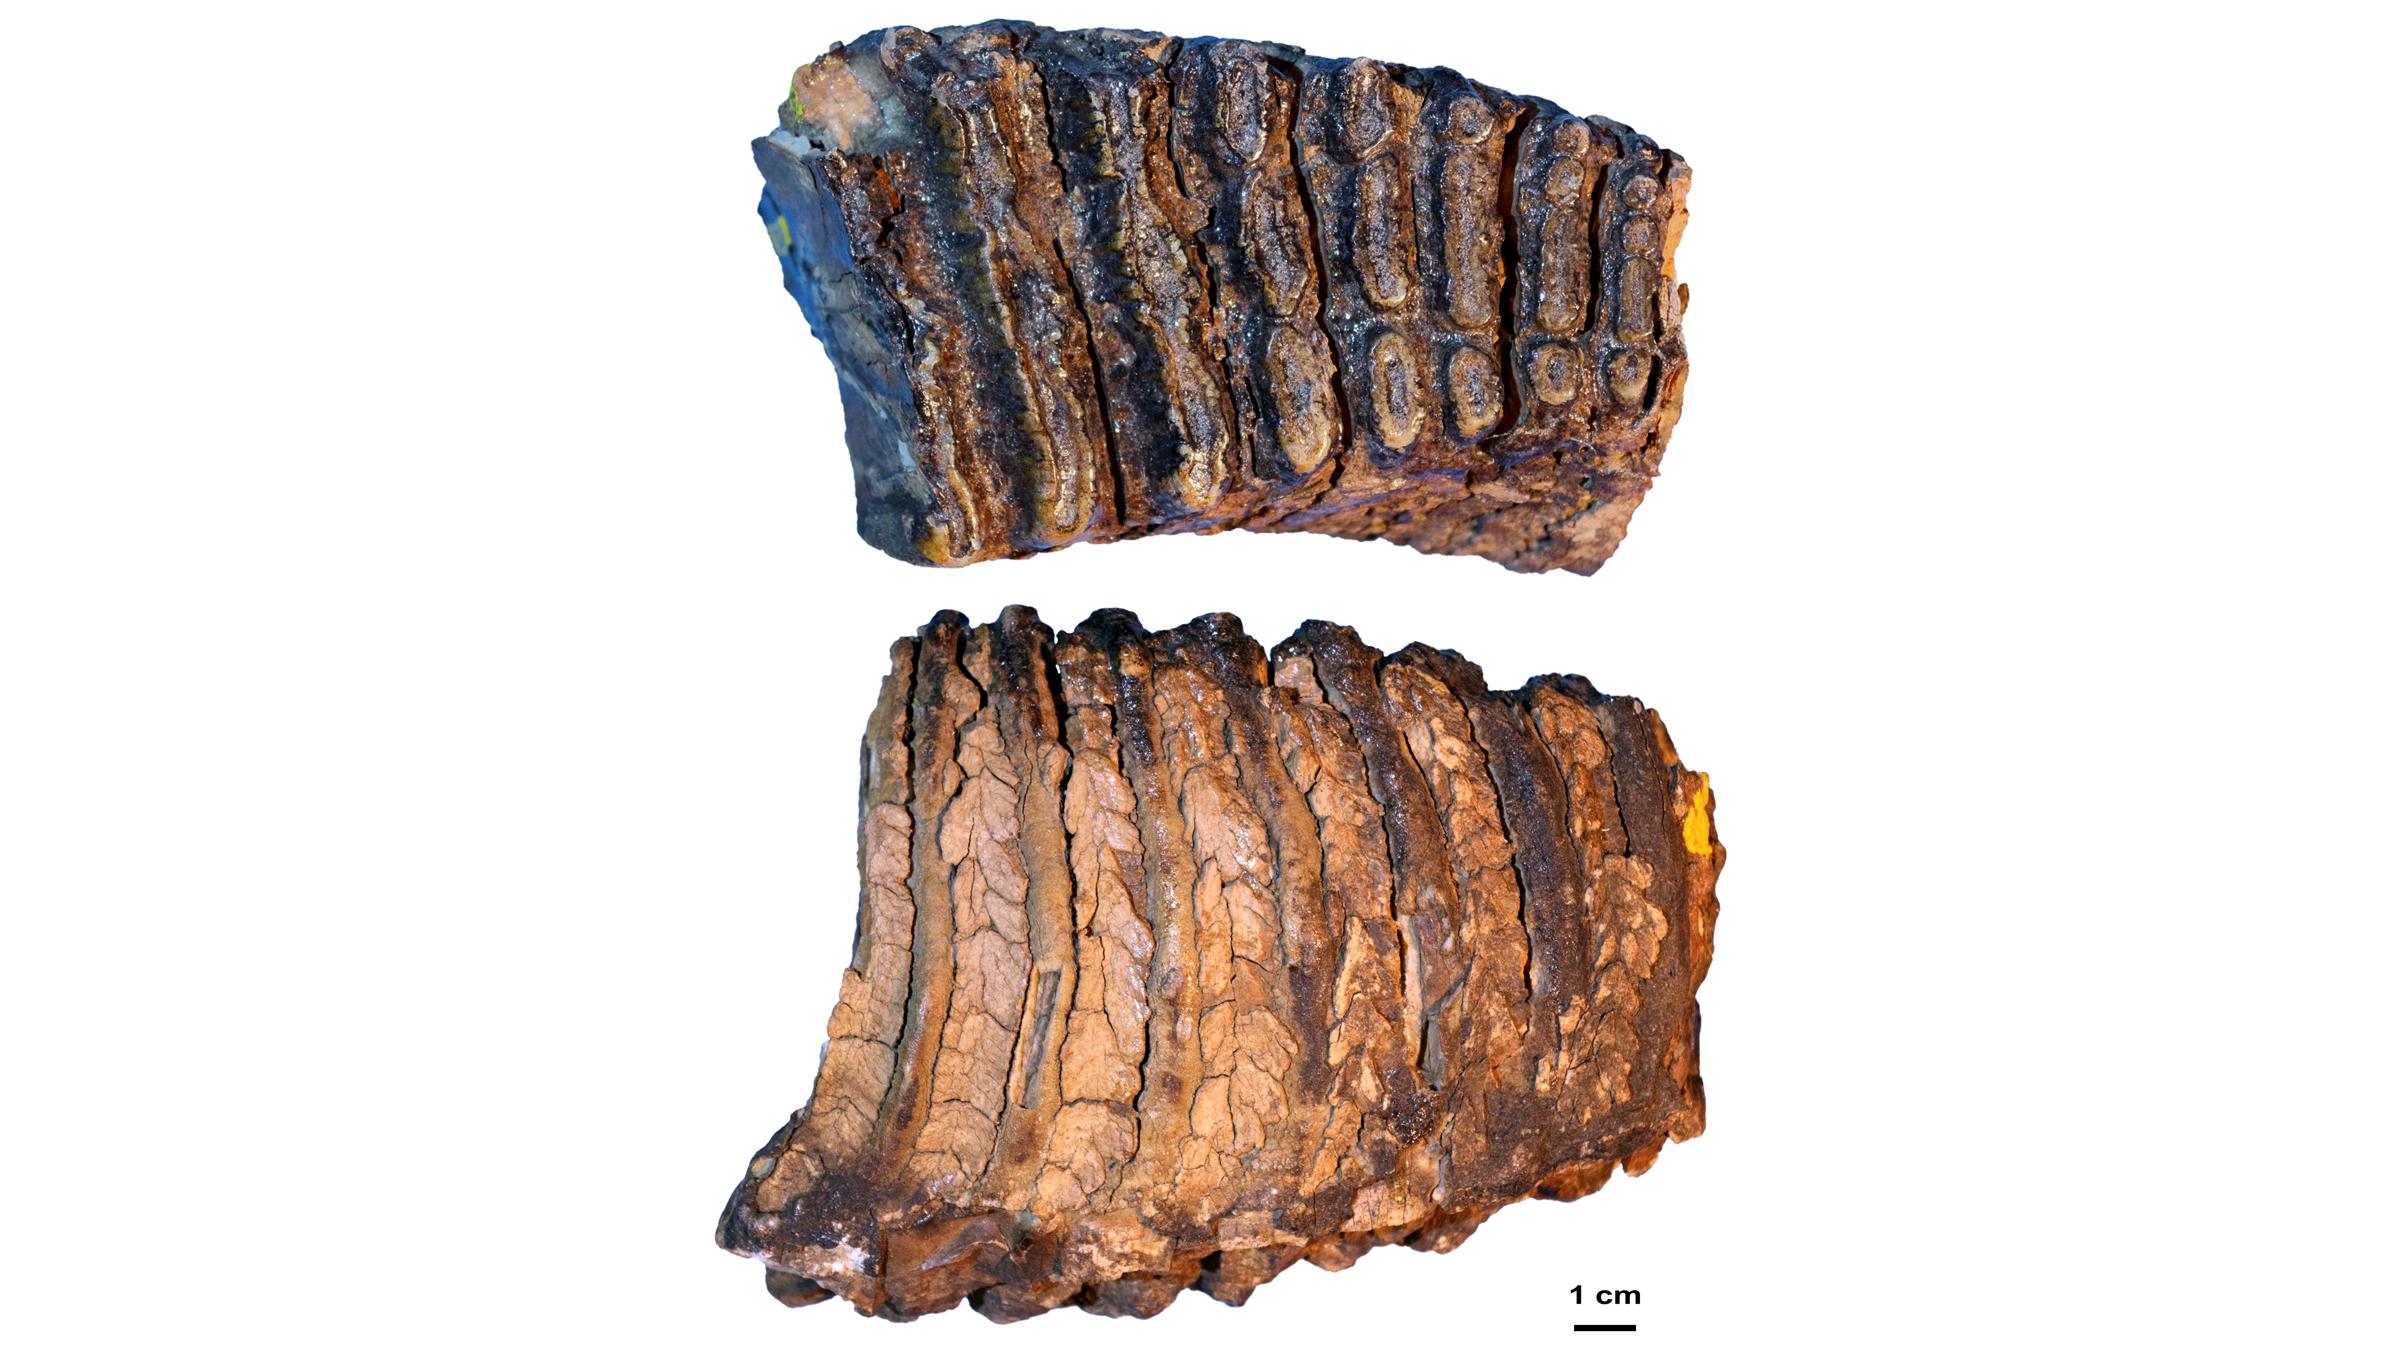 La molaire du mammouth Adycha, qui a vécu il y a environ 1 million d'années.